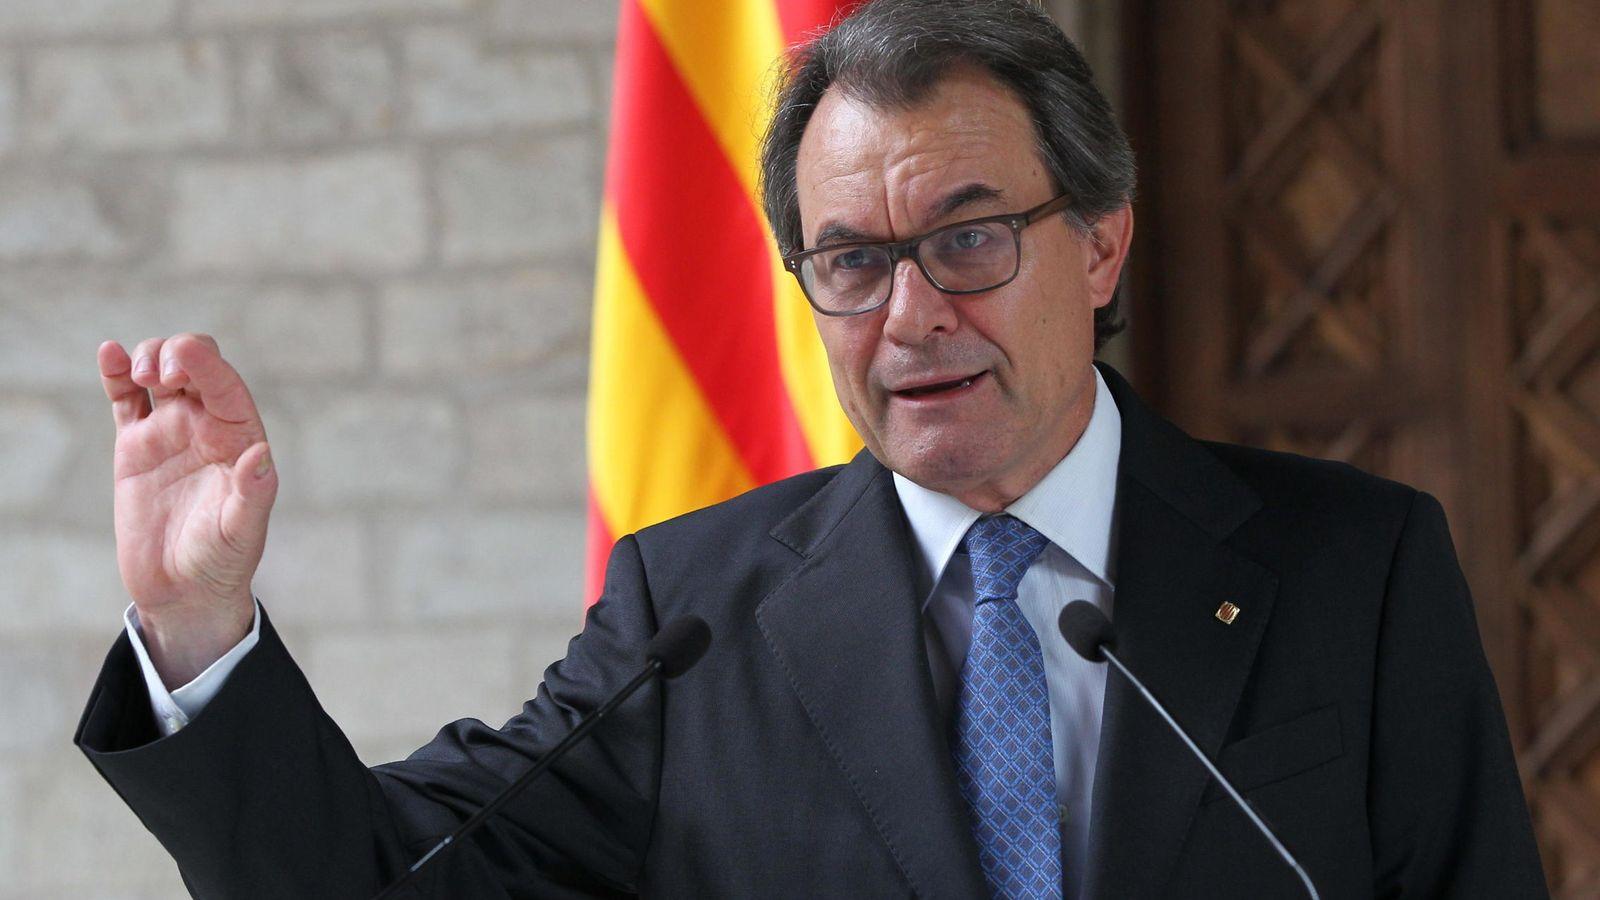 Foto: El presidente catalán, Artur Mas, durante una de sus últimas comparecencias en el Palau de la Generalitat. (Efe)